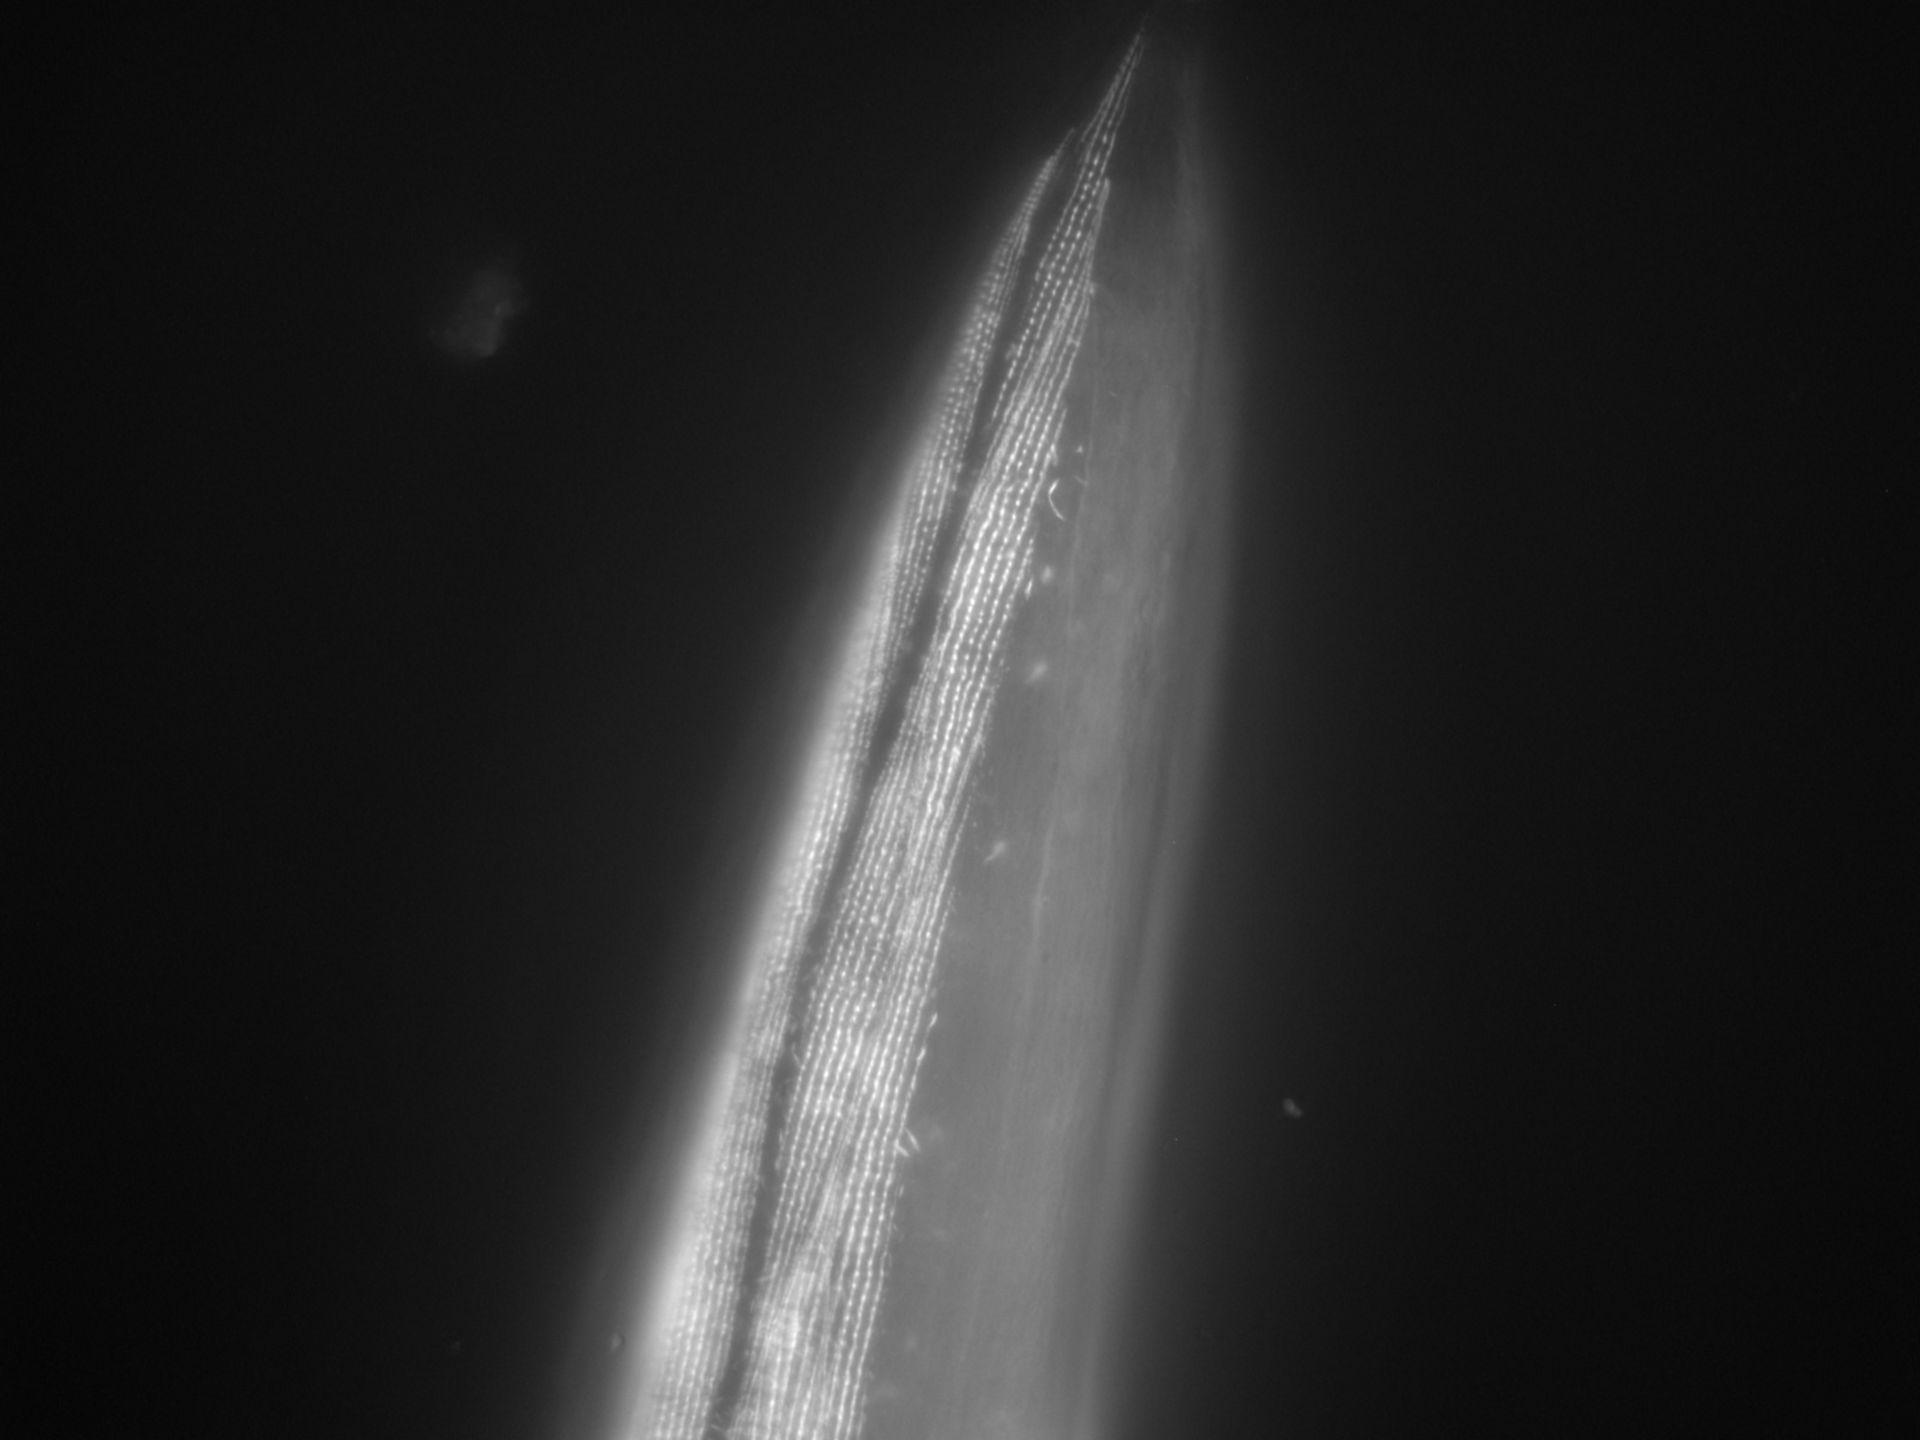 Caenorhabditis elegans (Actin filament) - CIL:1014